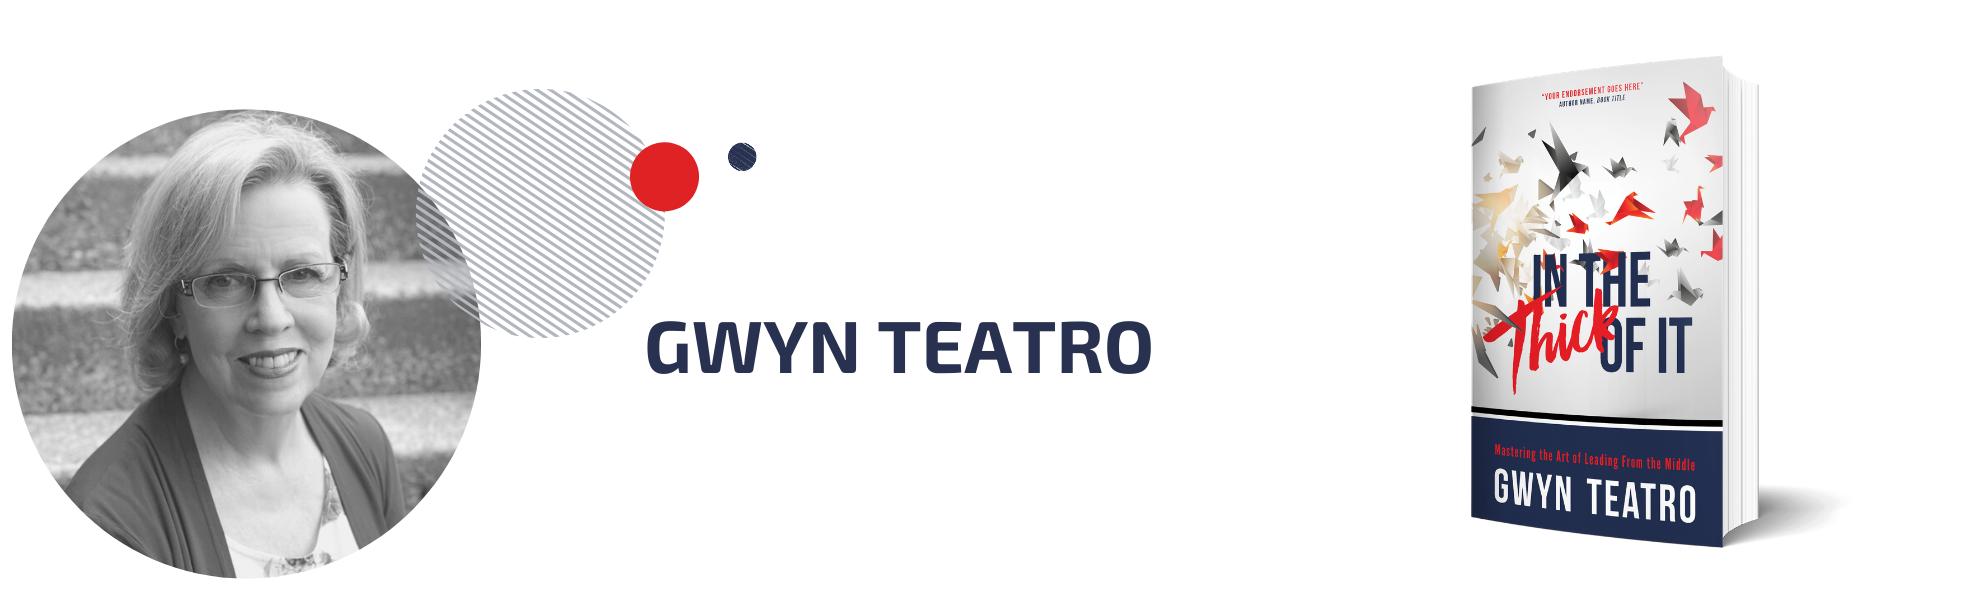 Gwyn Teatro Page Header